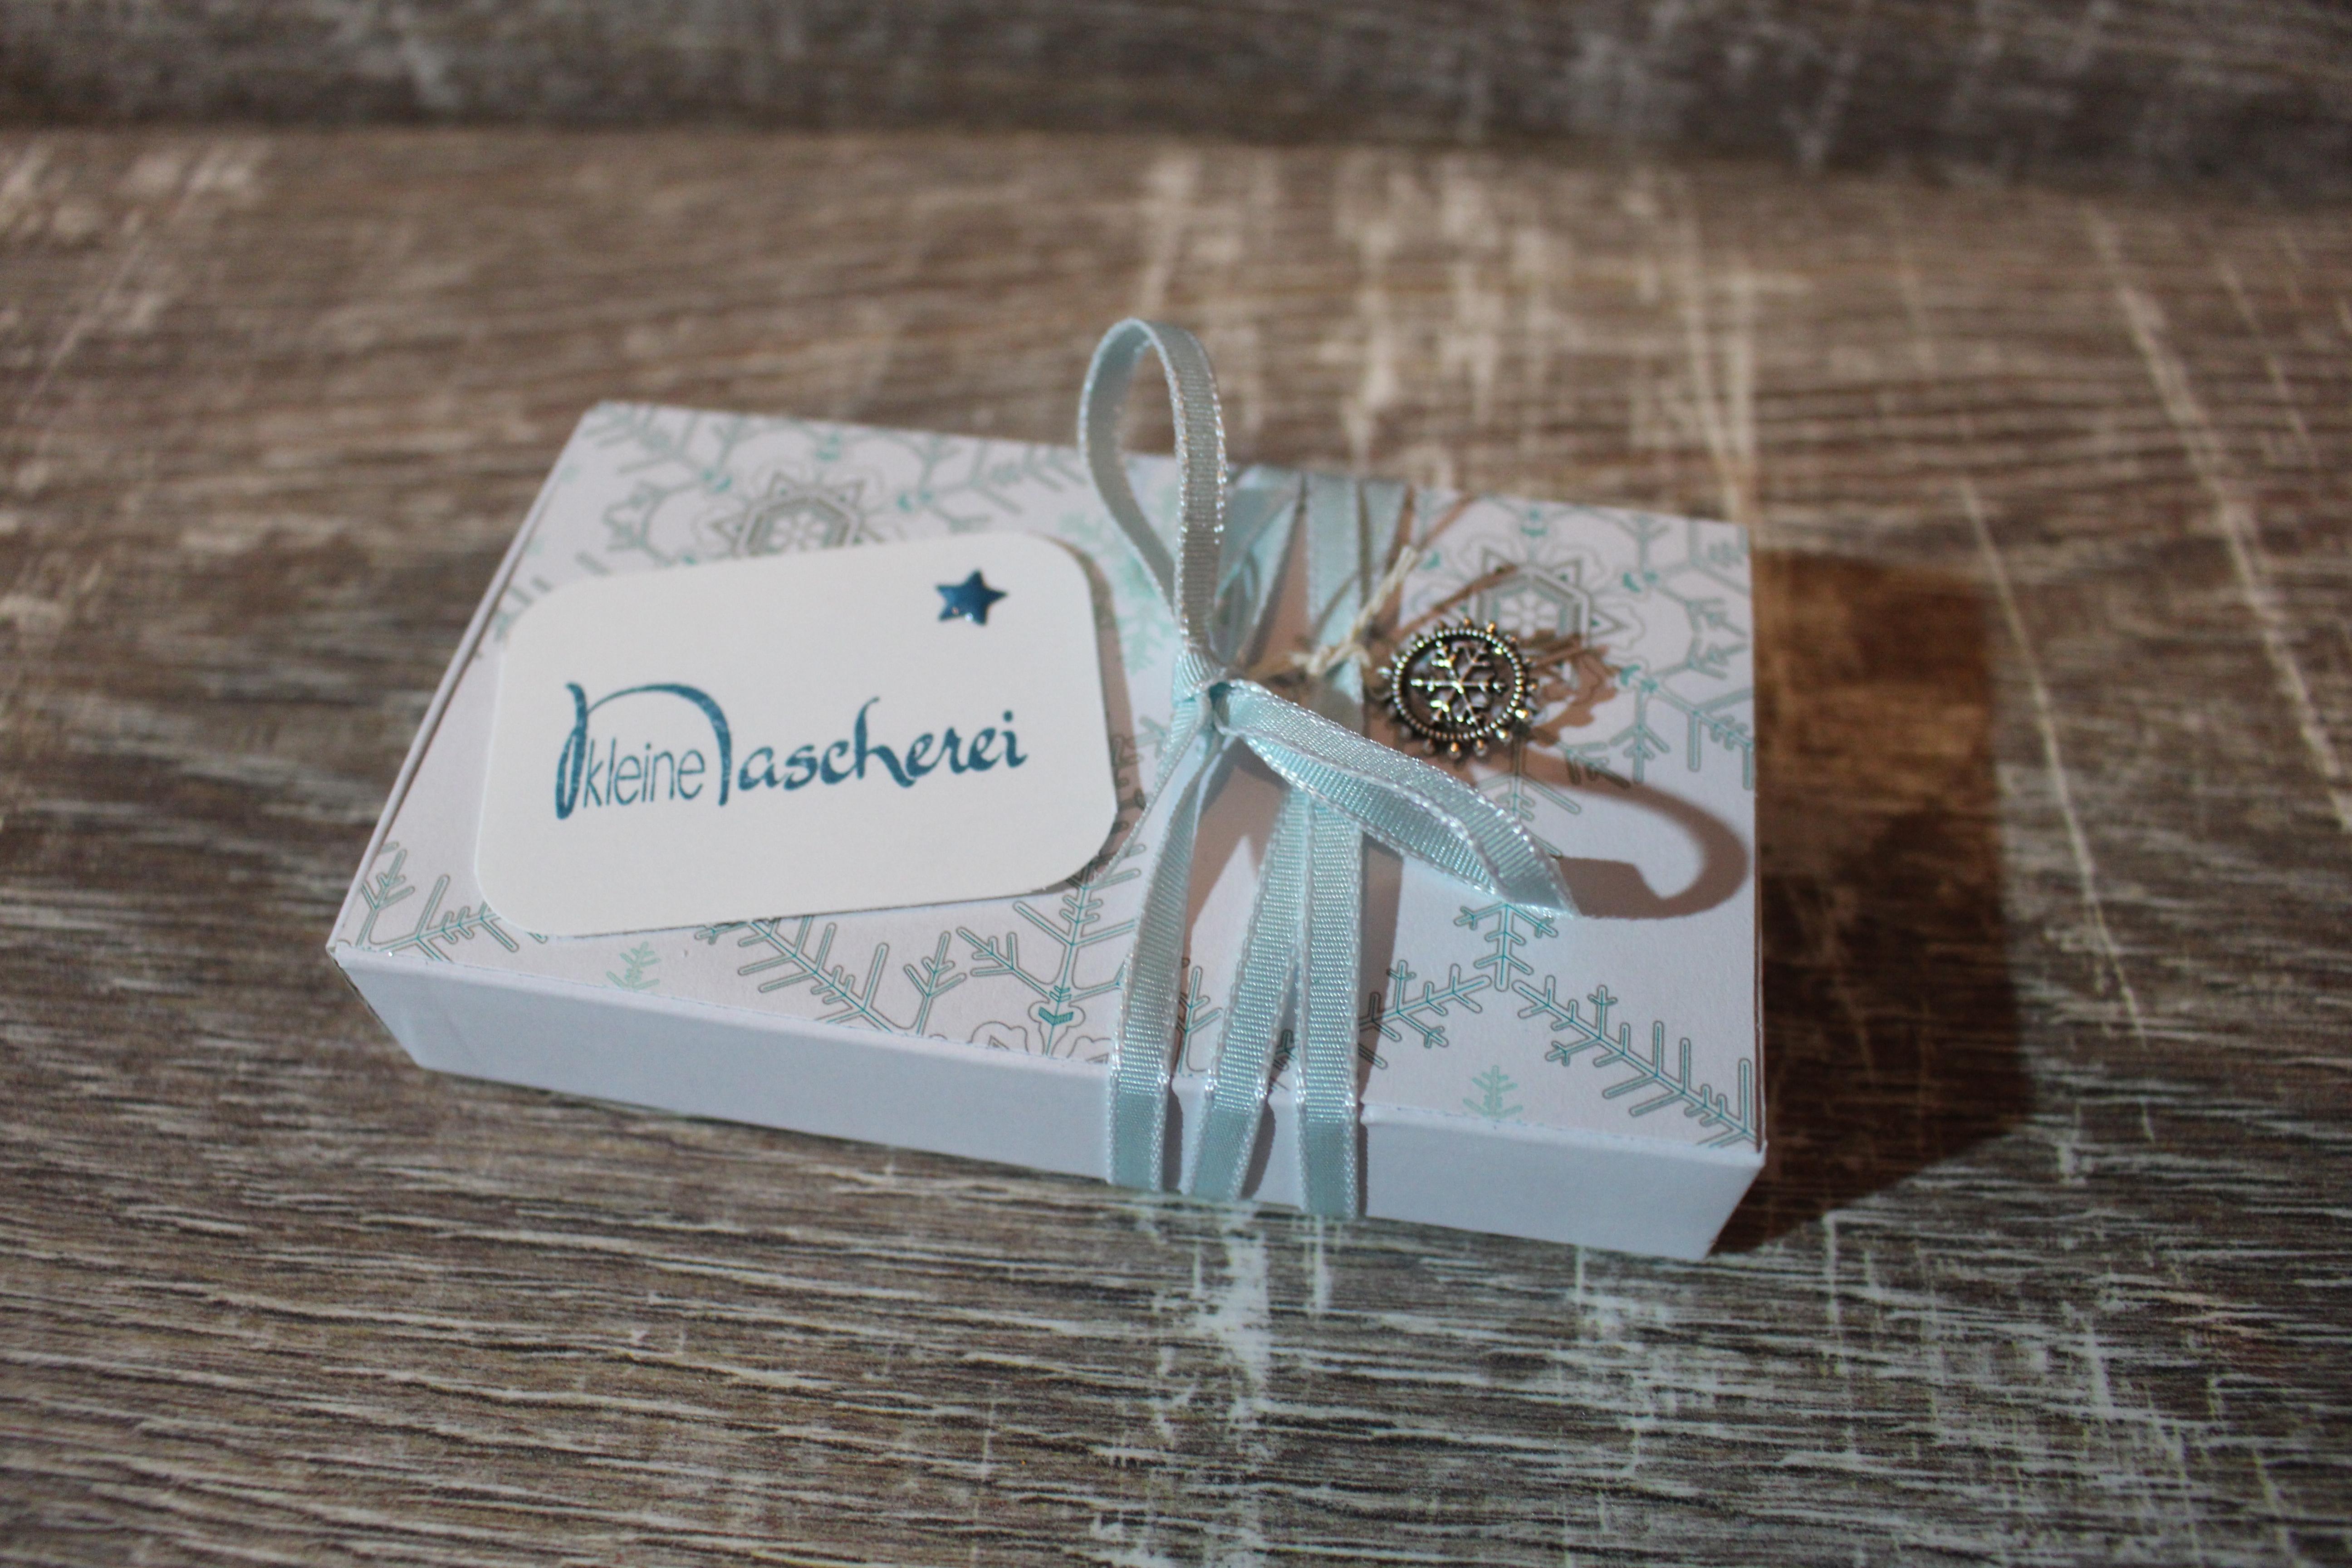 Streichholzschachteln luya arts and cards - Streichholzschachteln hochzeit ...